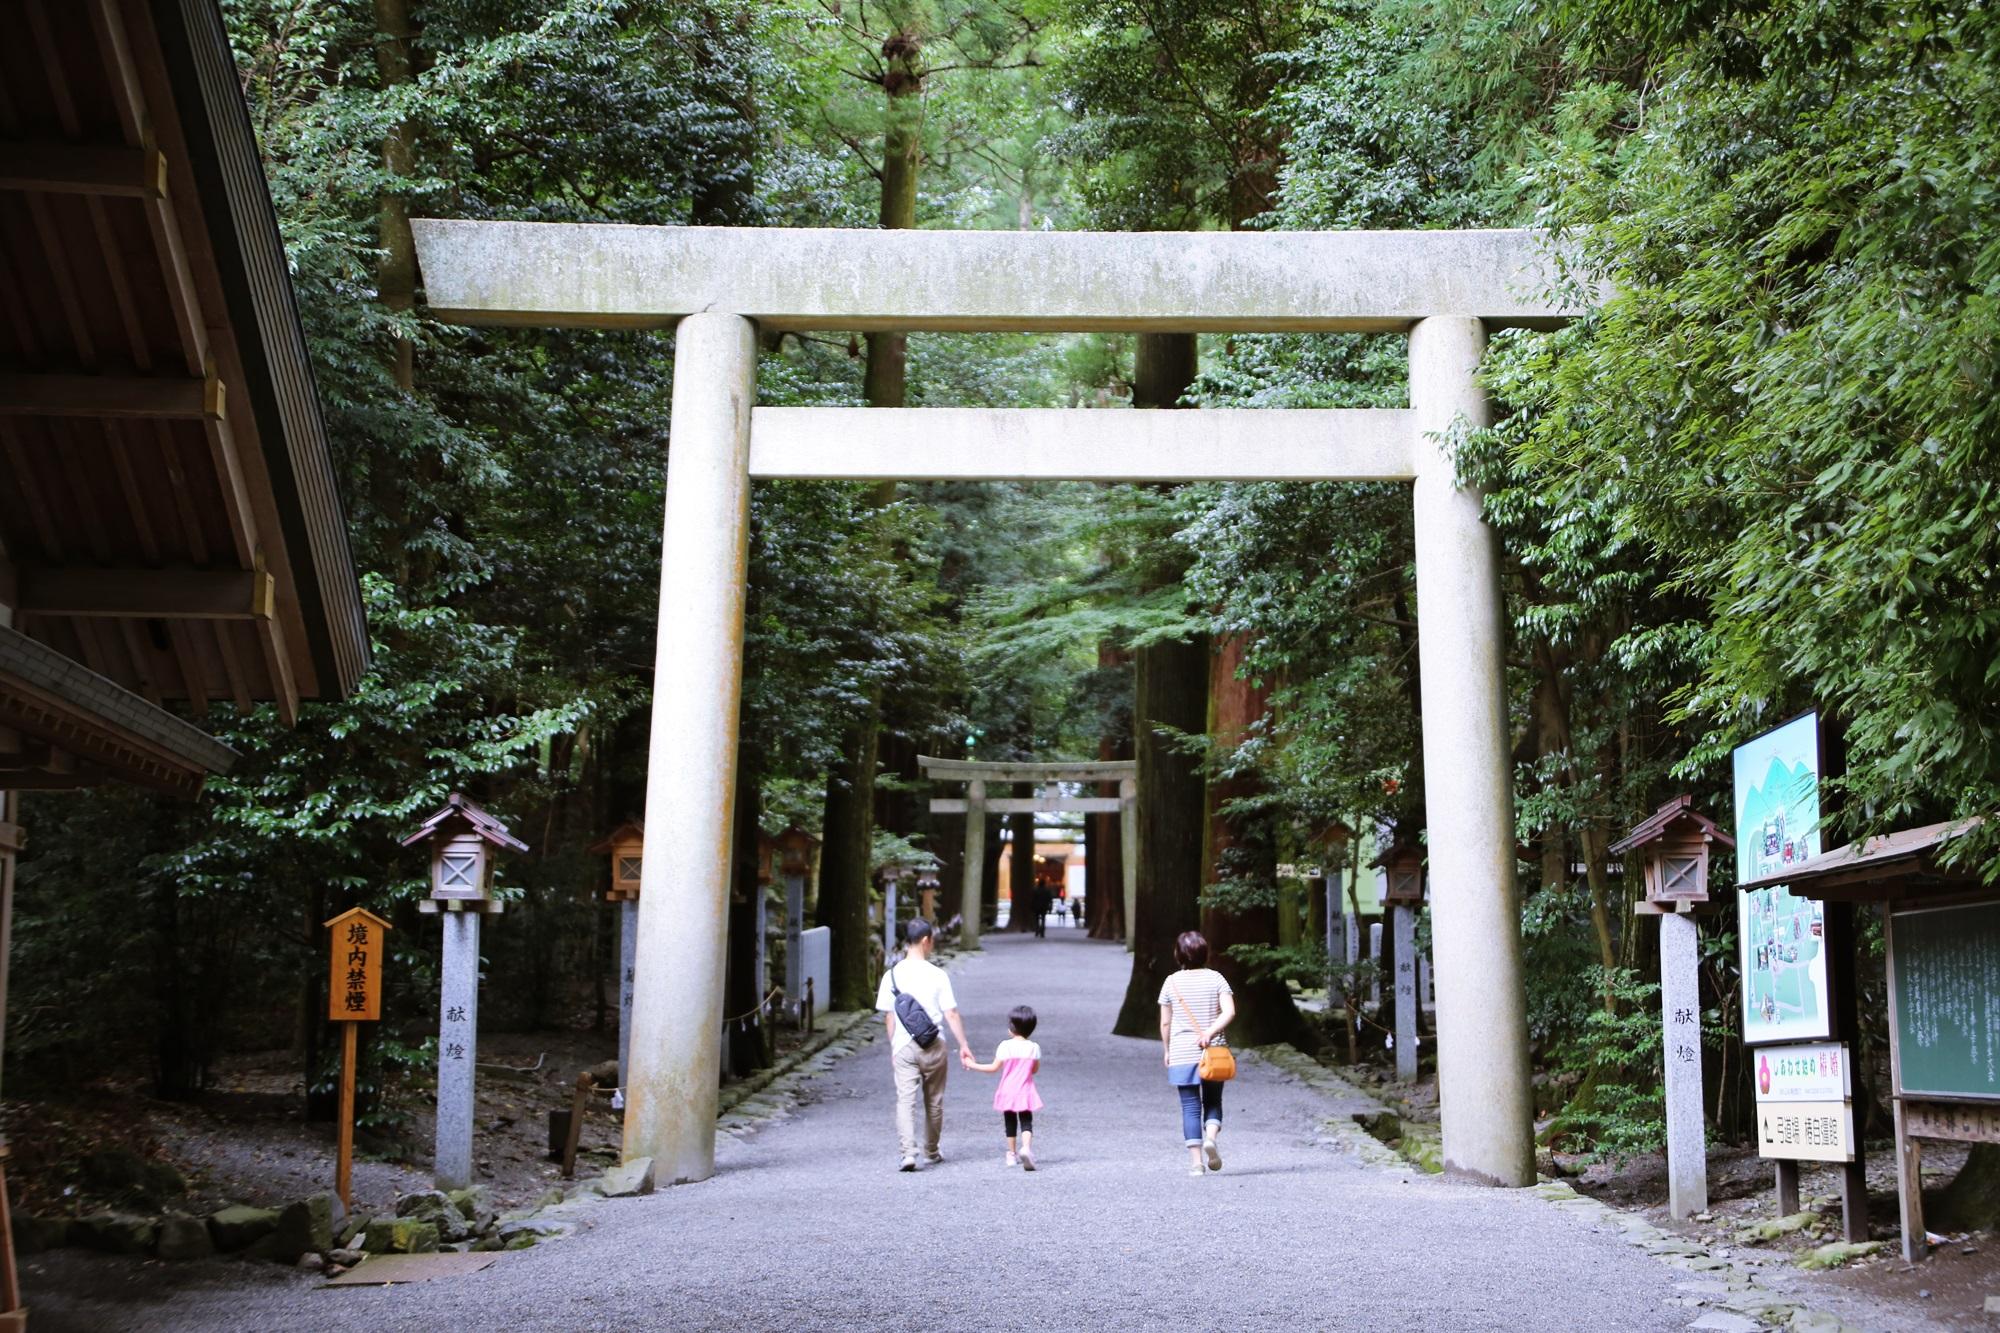 椿大神社 (つばきおおかみやしろ) tsubakiookamiyashiro (2)